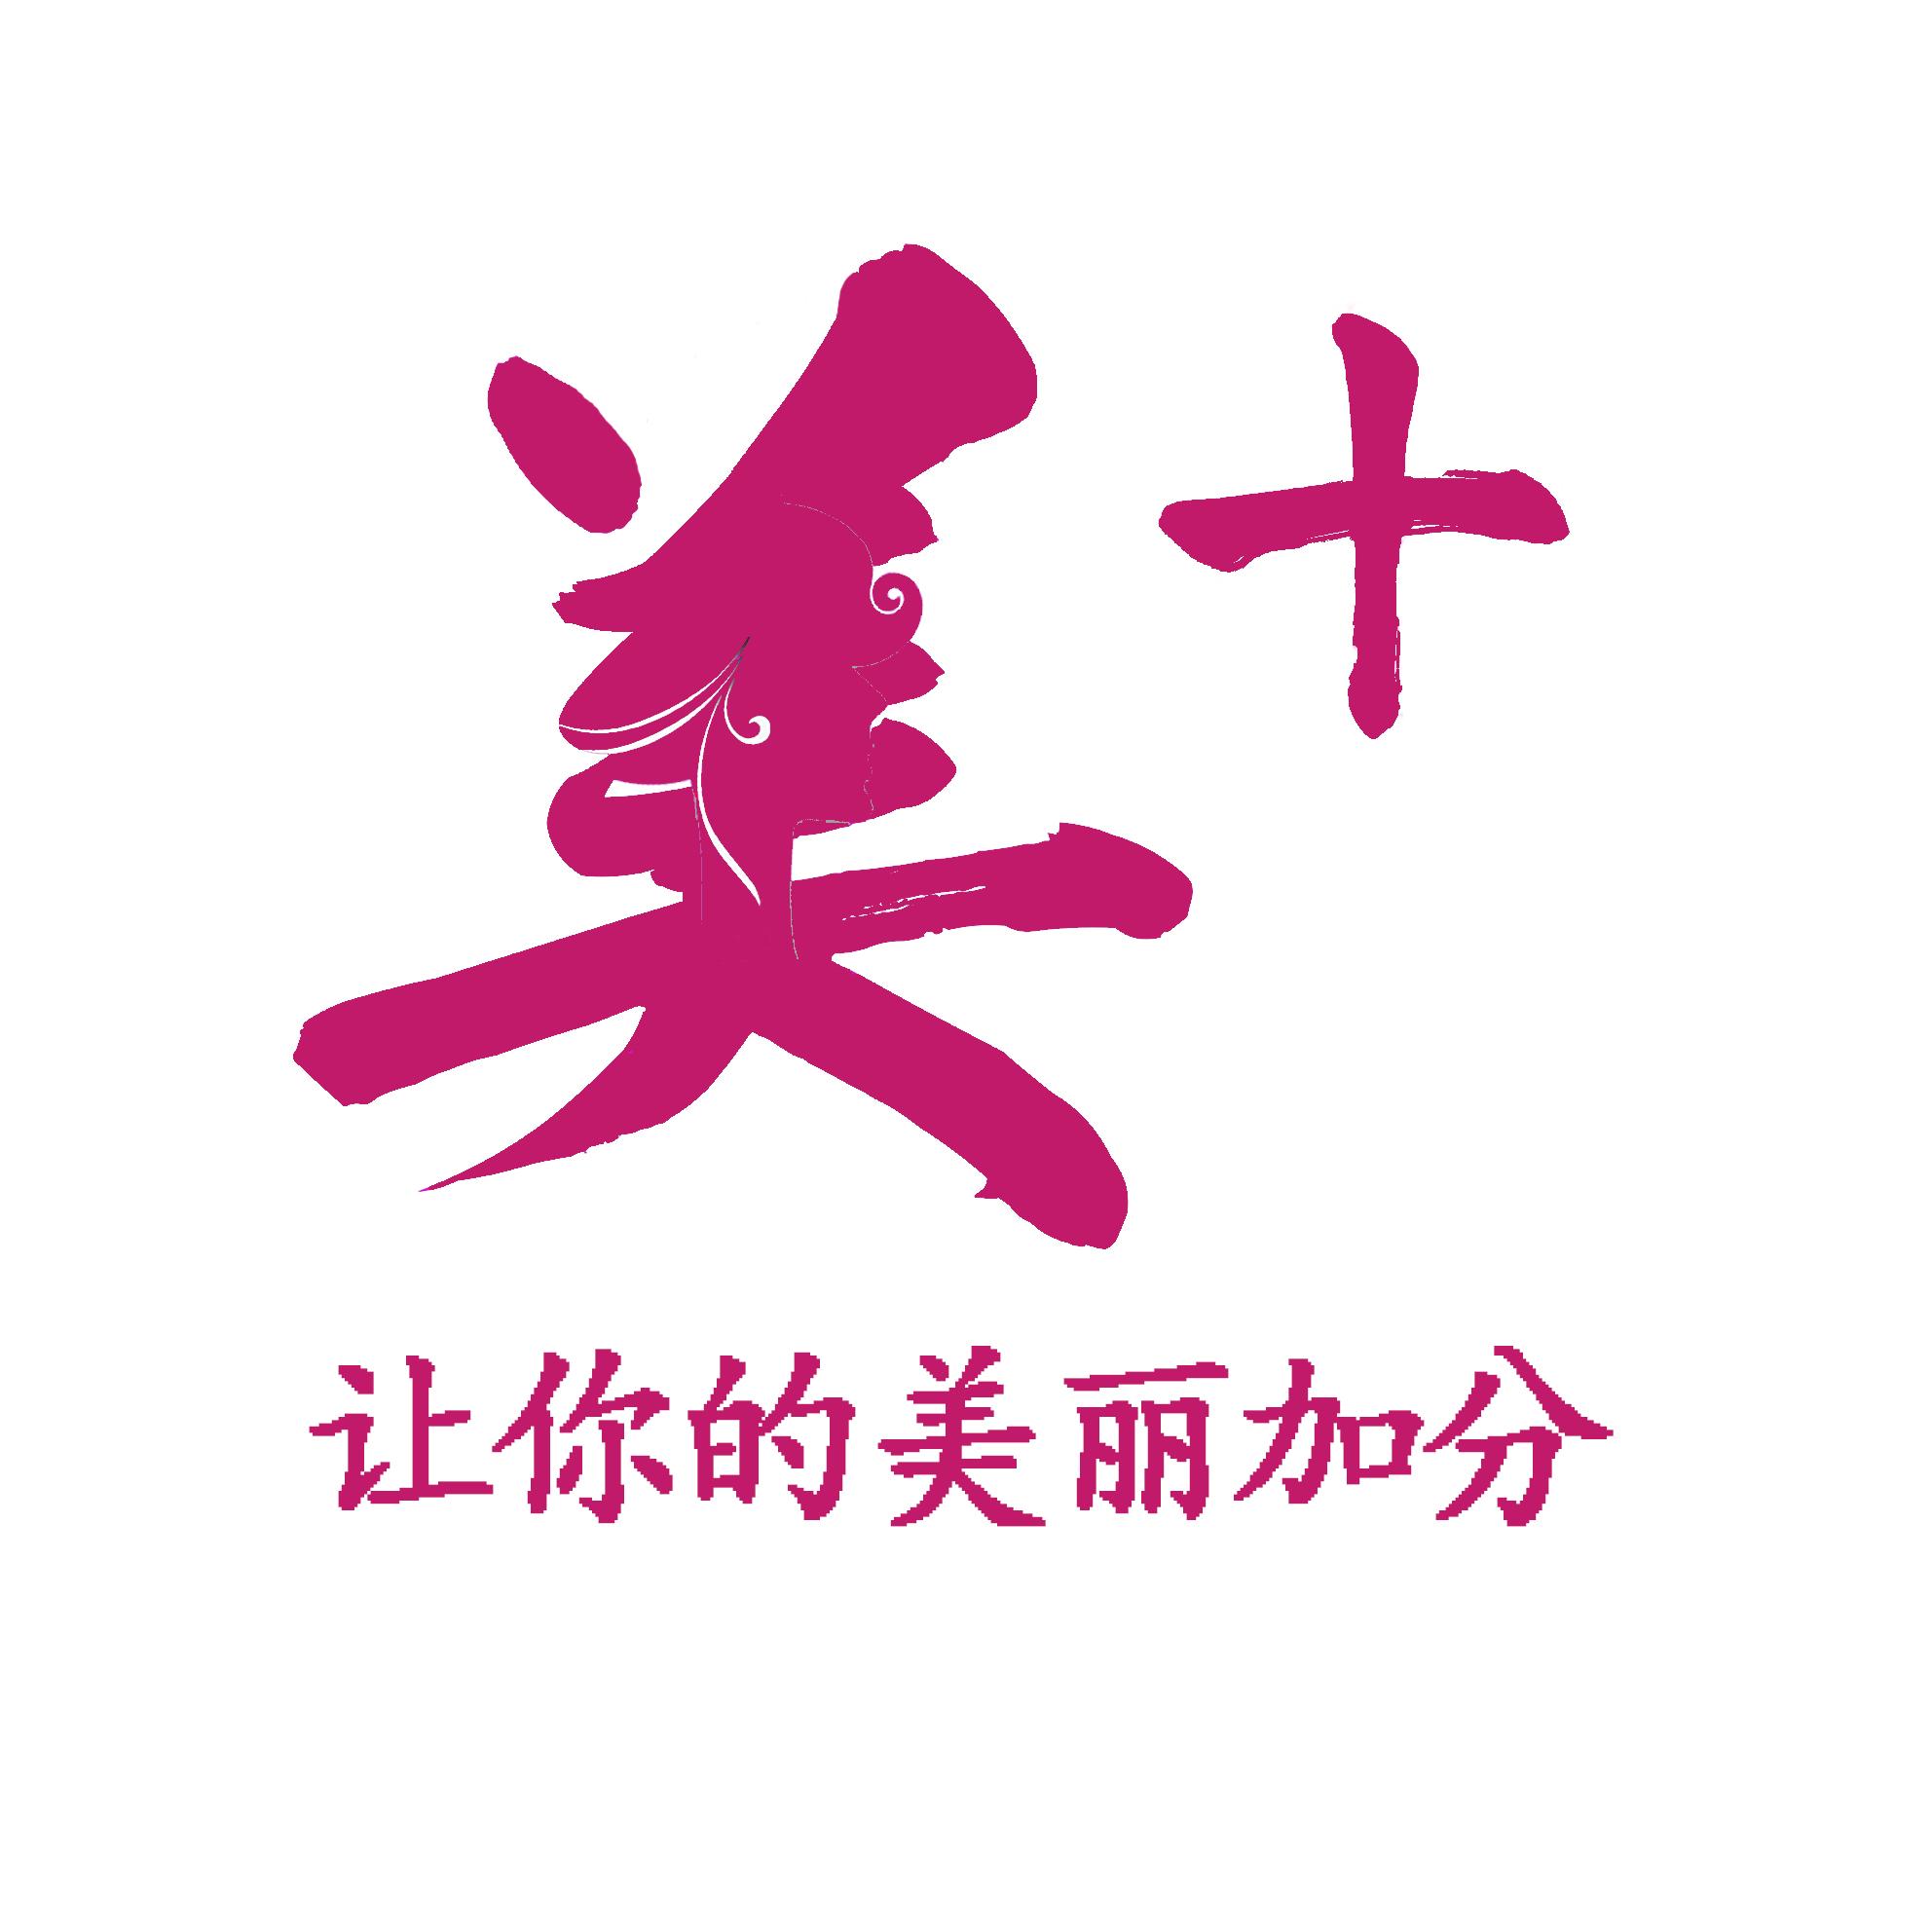 淘宝店铺收藏图标   【手机图标素材】免费下载_手机图标图片大全_千